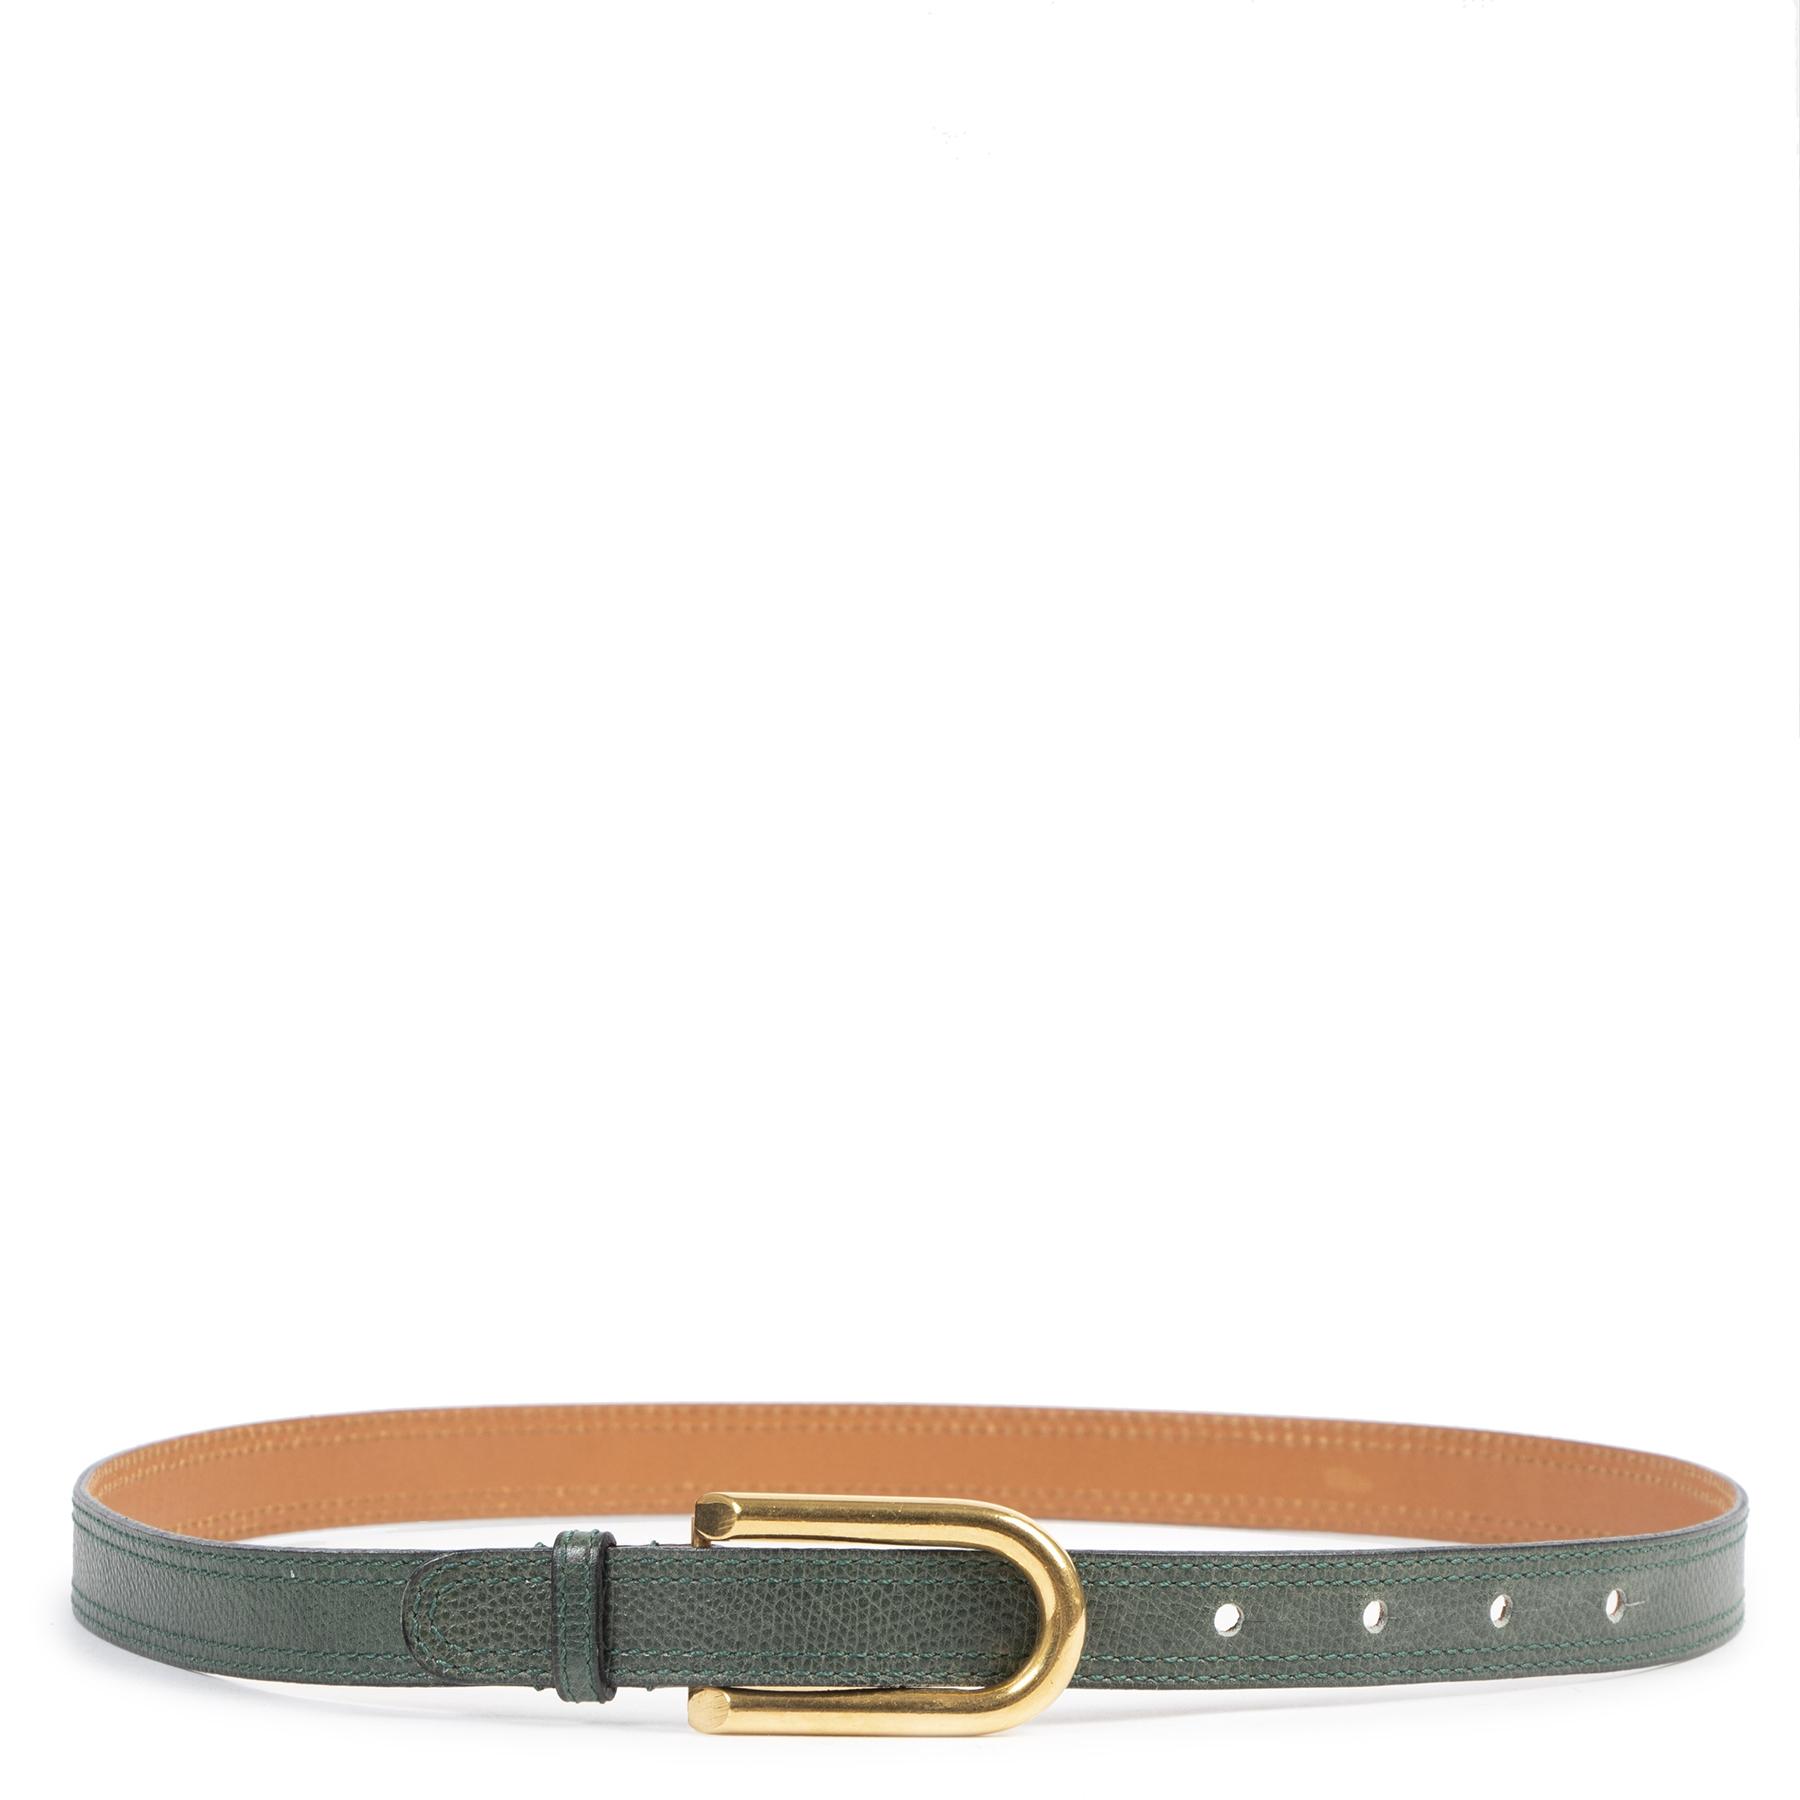 koop veilig online tegen de beste prijs Delvaux Green D Belt - Size 75